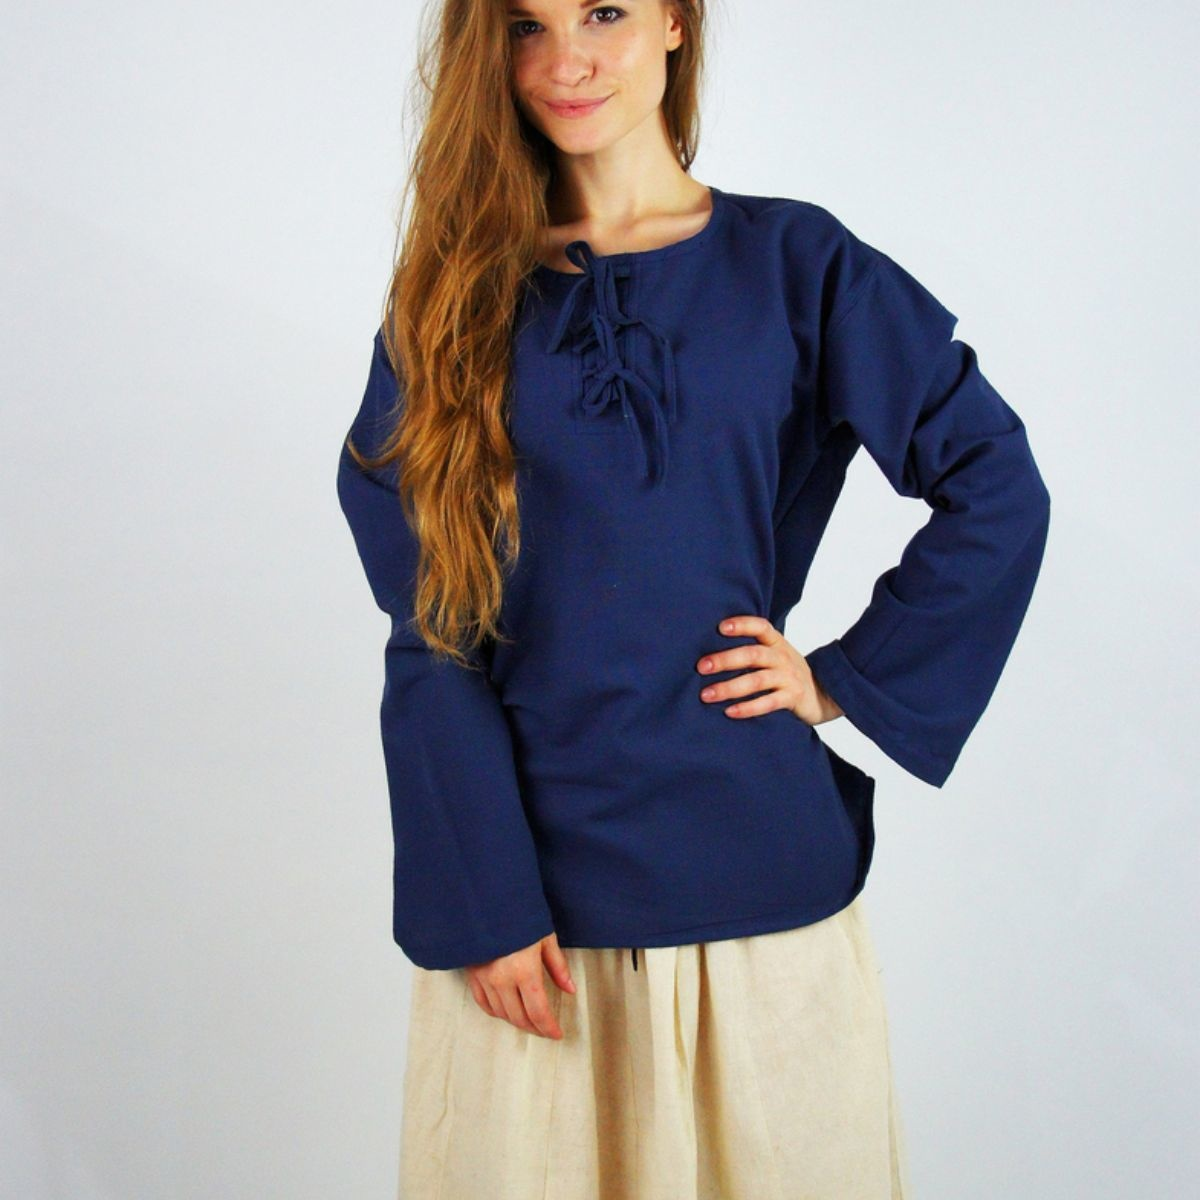 Bluse Sofia, blau